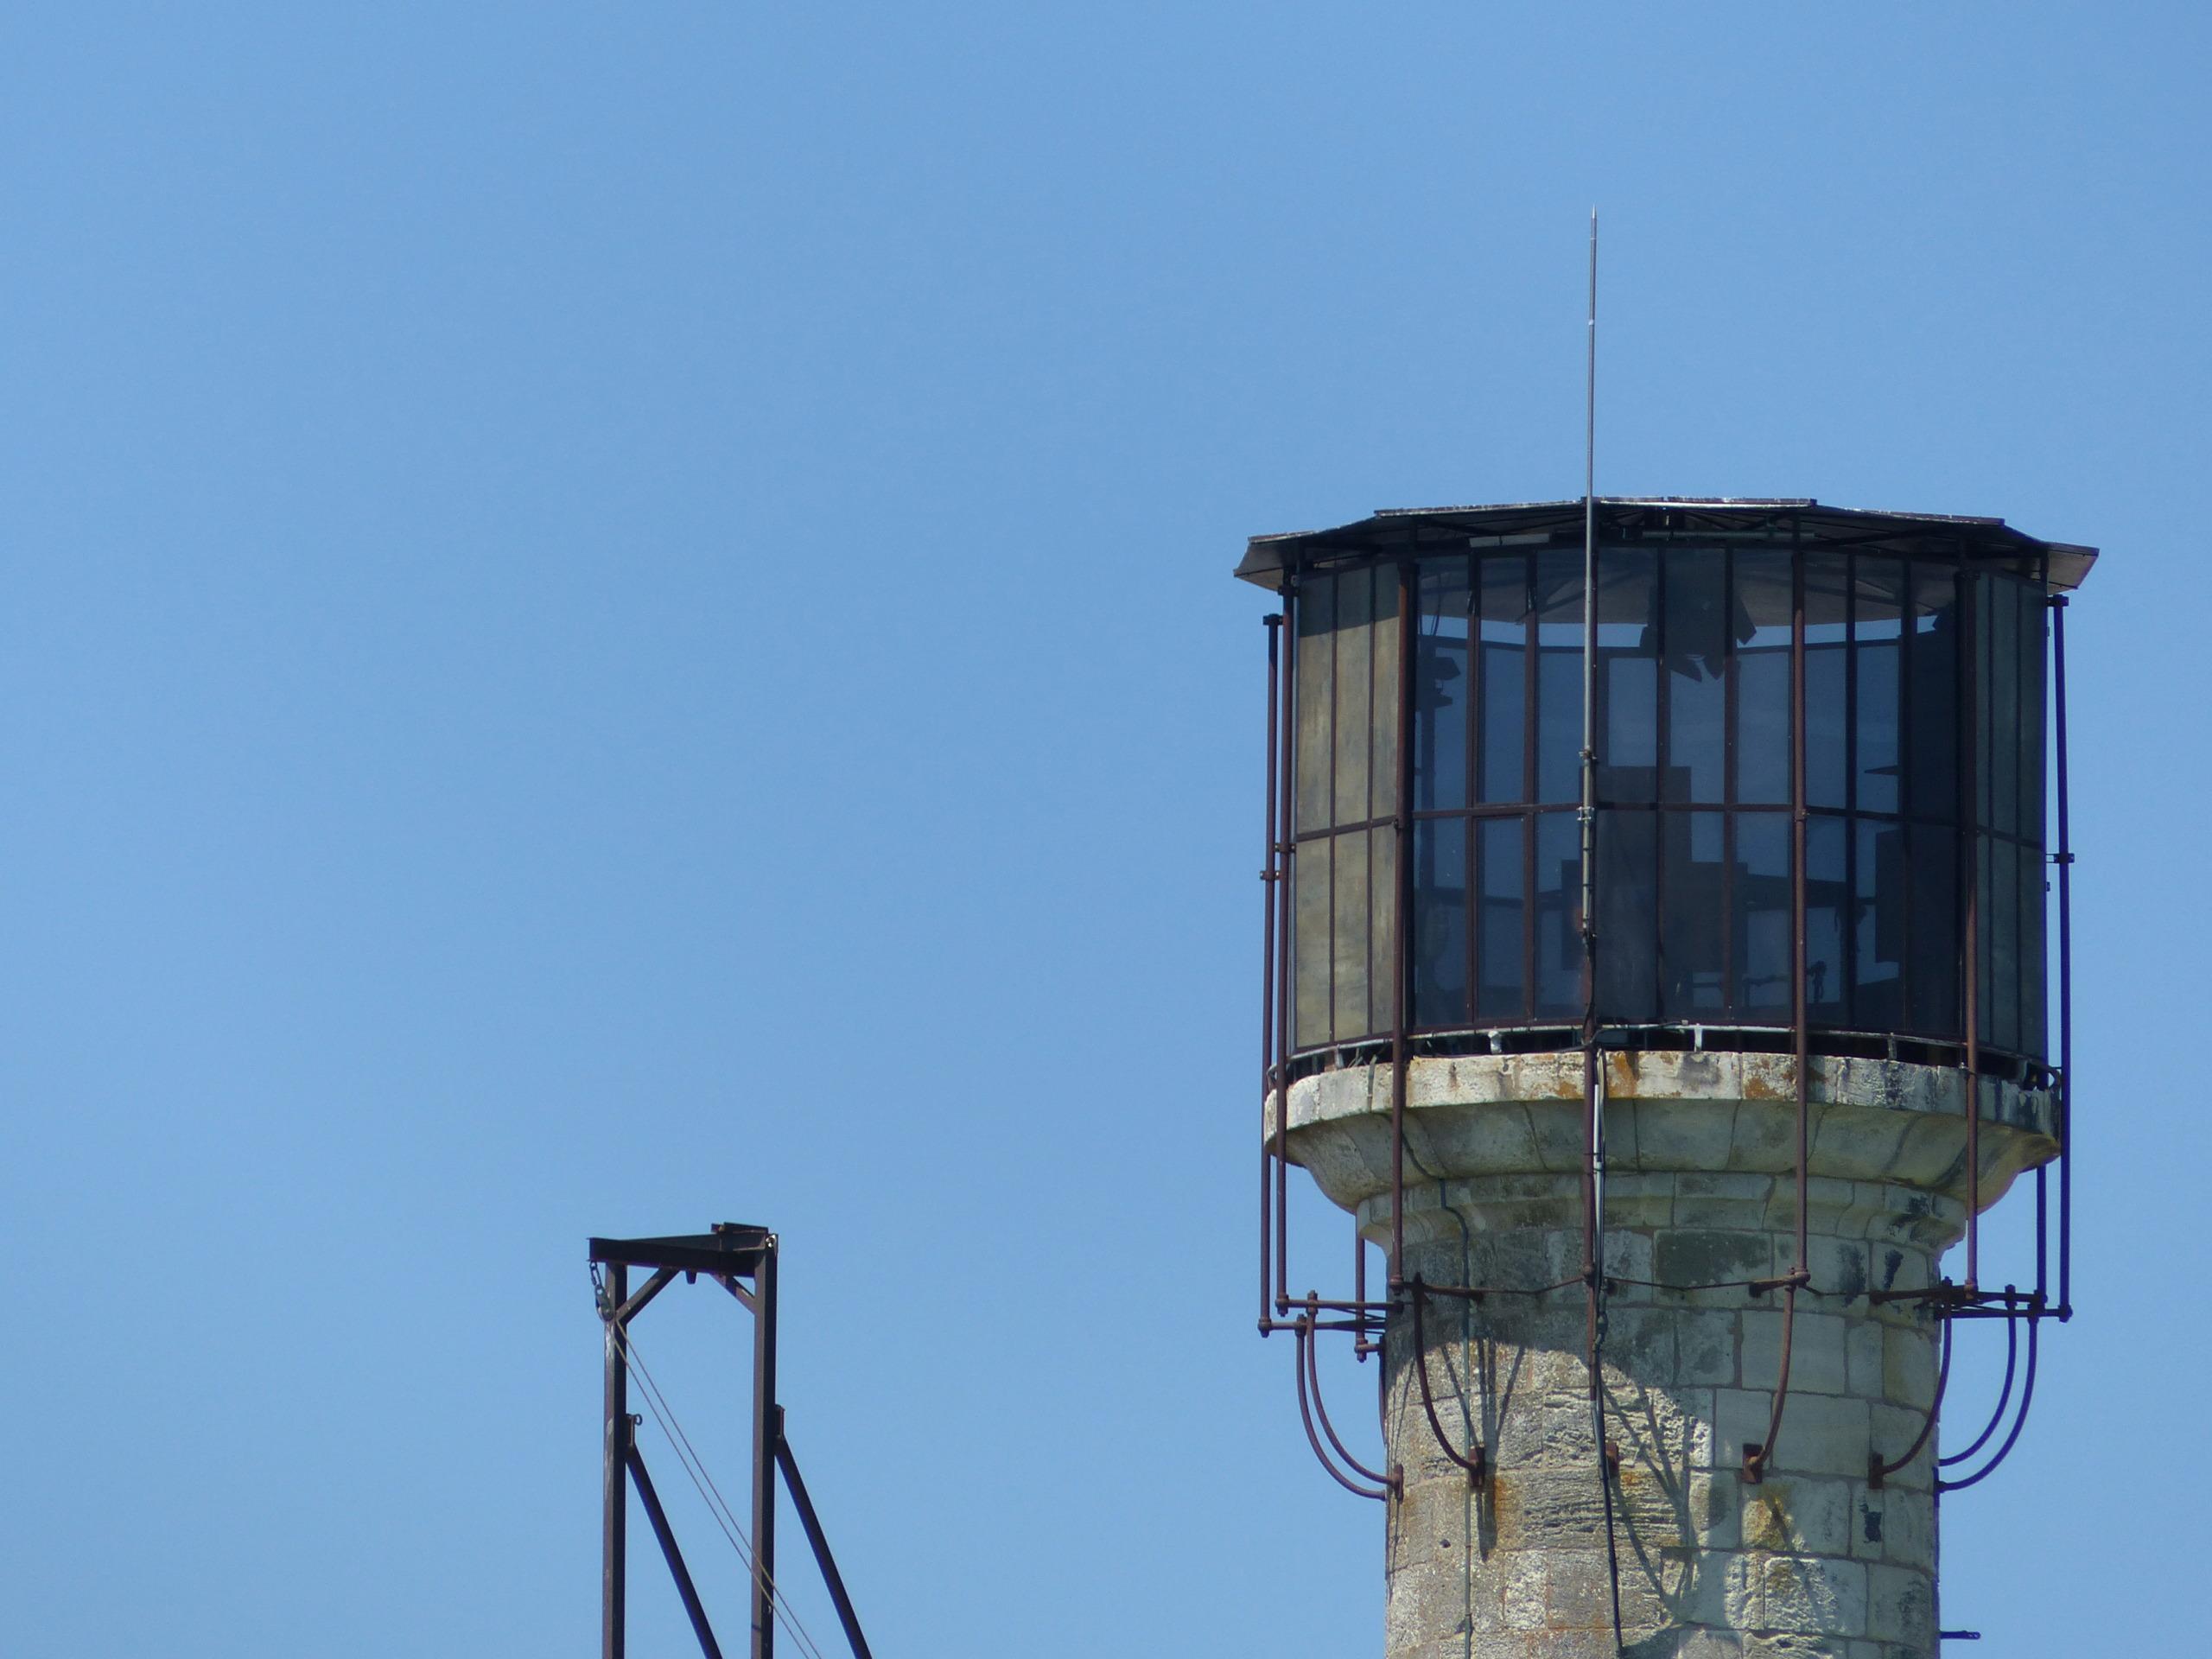 Photos divers de Fort Boyard 2020 (internautes + hors production) - Page 3 P1080826